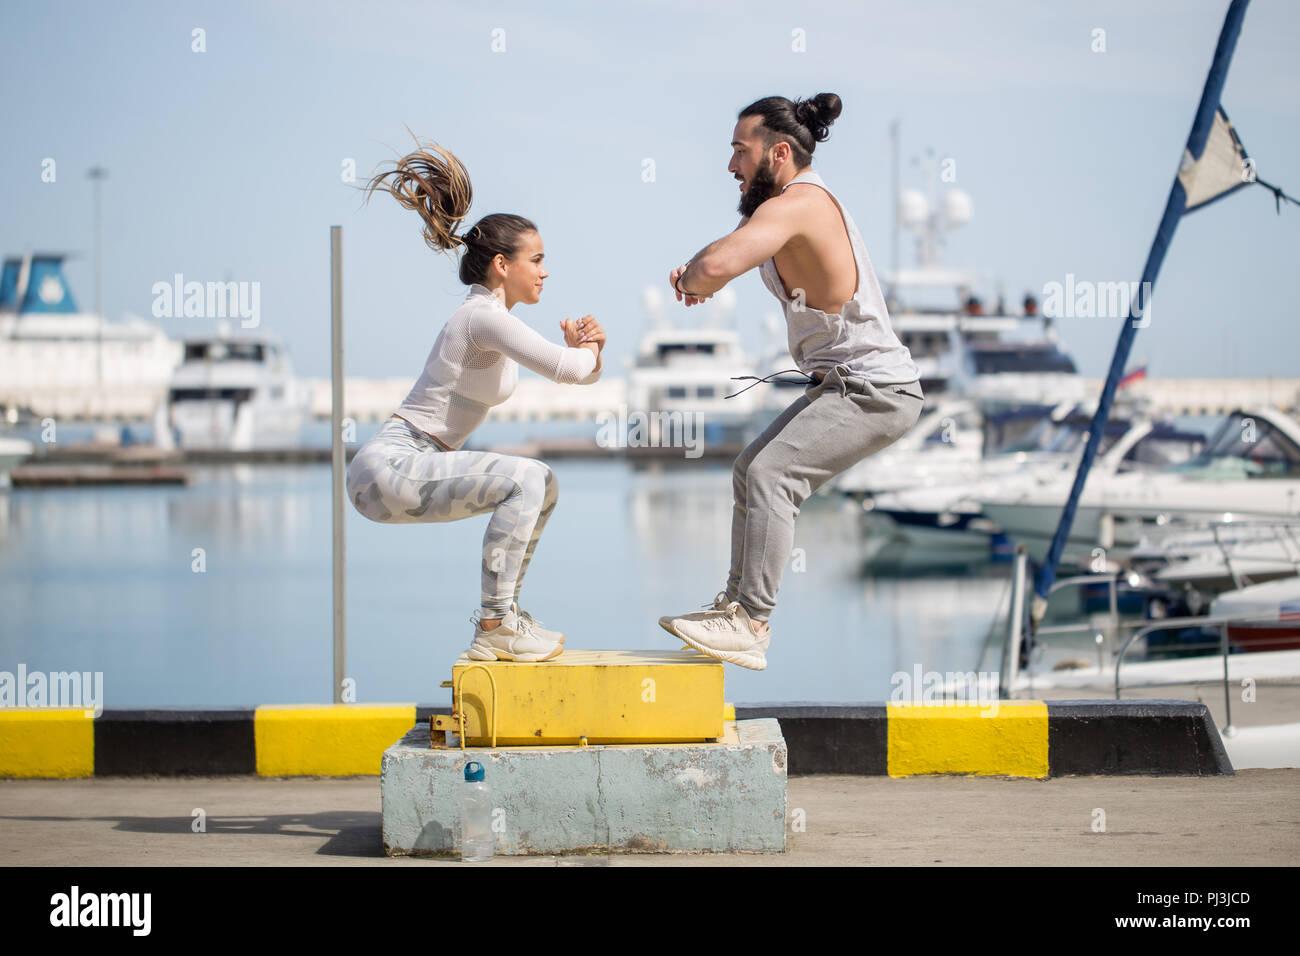 Weibliche und männliche Athleten ist die Box springt im Freien. Stockbild